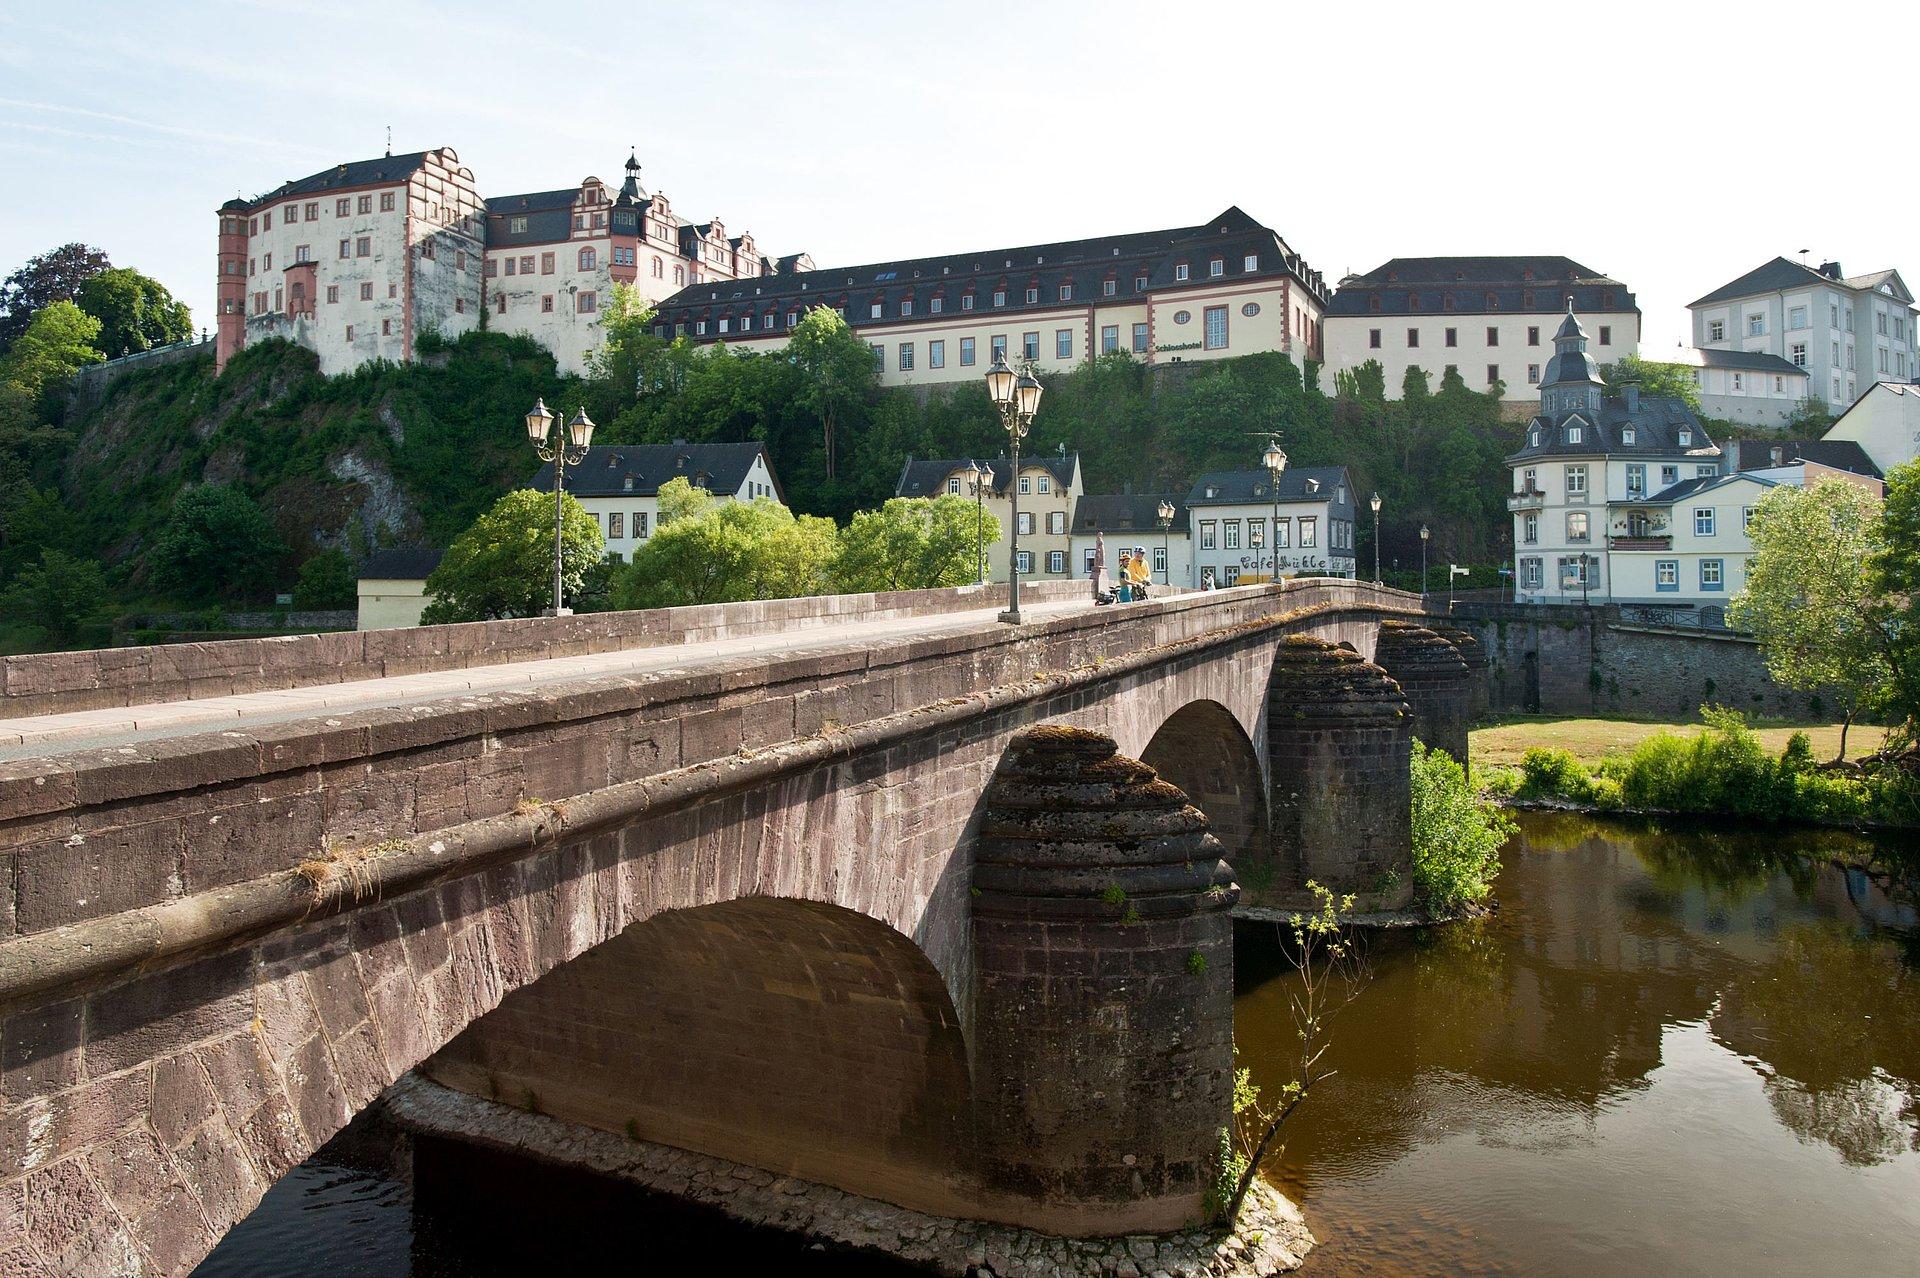 Stenen brug en kasteel Weilburg, Lahndal